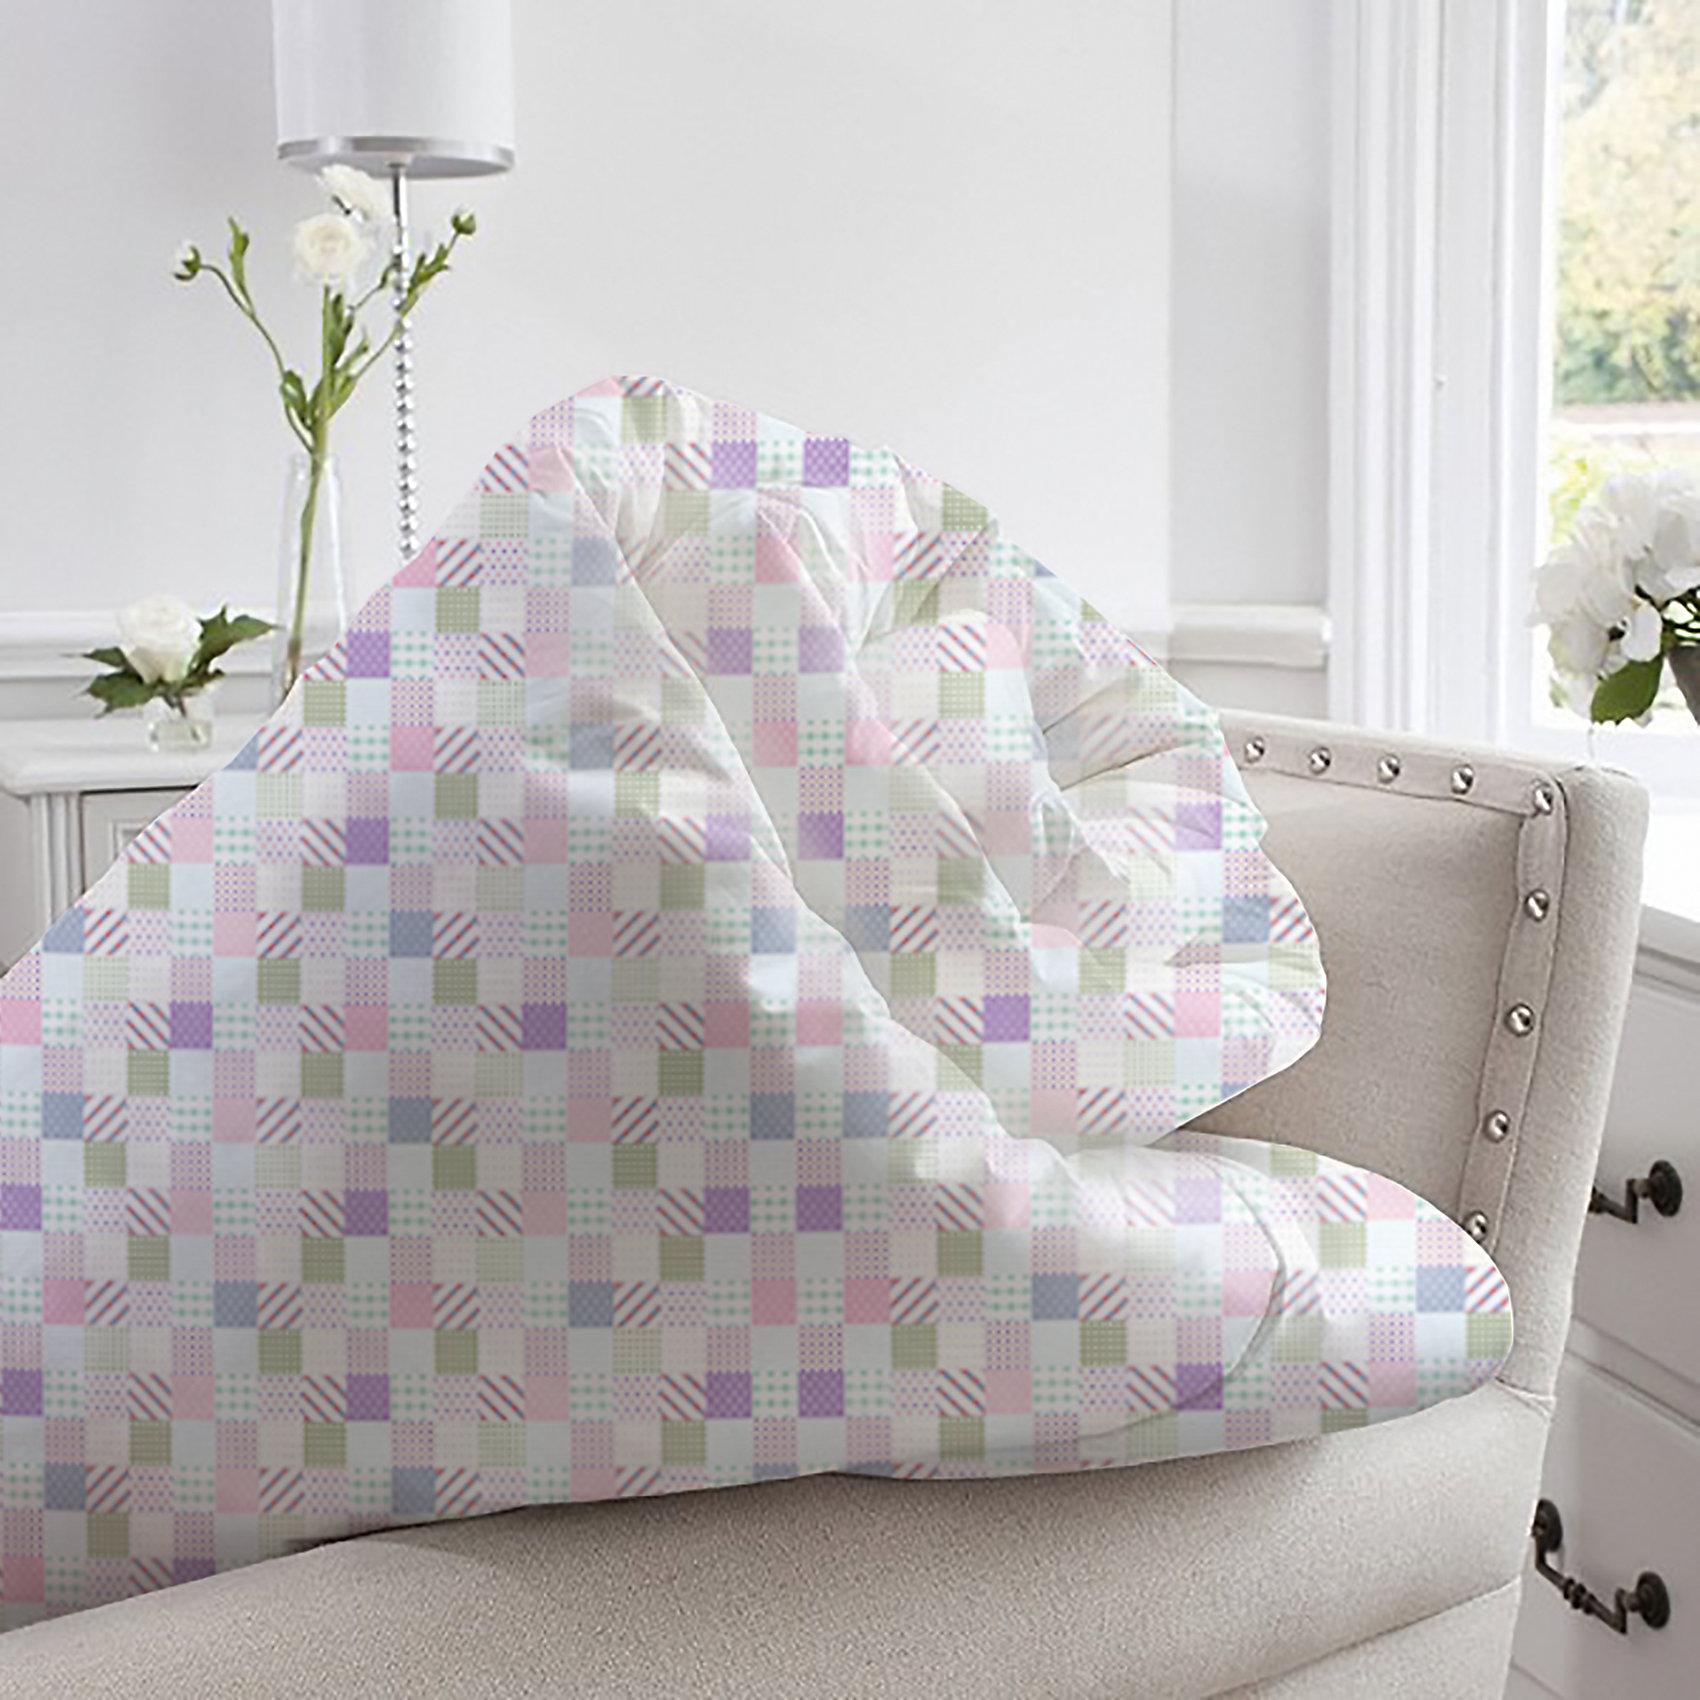 Одеяло 140*205 Provence аромат Lilac, Mona LizaДомашний текстиль<br>Характеристики:<br><br>• в комплекте саше с ароматом сирени<br>• размер одеяла: 46х16х54 см<br>• чехол: тик (100% полиэстер)<br>• наполнитель: силиконизированное волокно (100% полиэстер)<br>• размер упаковки: 50х20х70 см<br>• вес: 1450 грамм<br><br>Одеяло Provence имеет среднюю степень теплоты, поэтому вы сможете использовать его в любое время года. Чехол выполнен из плотного материала, устойчивого к износу. Стёжка позволяет равномерно распределить наполнитель, чтобы избежать его передвижения внутри одеяла. <br><br>Наполнитель из силиконизированного волокна отлично сохраняет тепло, чтобы обеспечить вам комфорт во время отдыха. В комплект входит декоративное саше с ароматом сирени. Оно наполнит вашу комнату приятным ароматом, который позволит вам расслабиться перед сном и защитит одеяло от неприятных запахов.<br><br>Одеяло 140*205 Provence аромат Lilac, Mona Liza (Мона Лиза) вы можете купить в нашем интернет-магазине.<br><br>Ширина мм: 540<br>Глубина мм: 160<br>Высота мм: 460<br>Вес г: 1450<br>Возраст от месяцев: 84<br>Возраст до месяцев: 600<br>Пол: Унисекс<br>Возраст: Детский<br>SKU: 6765313